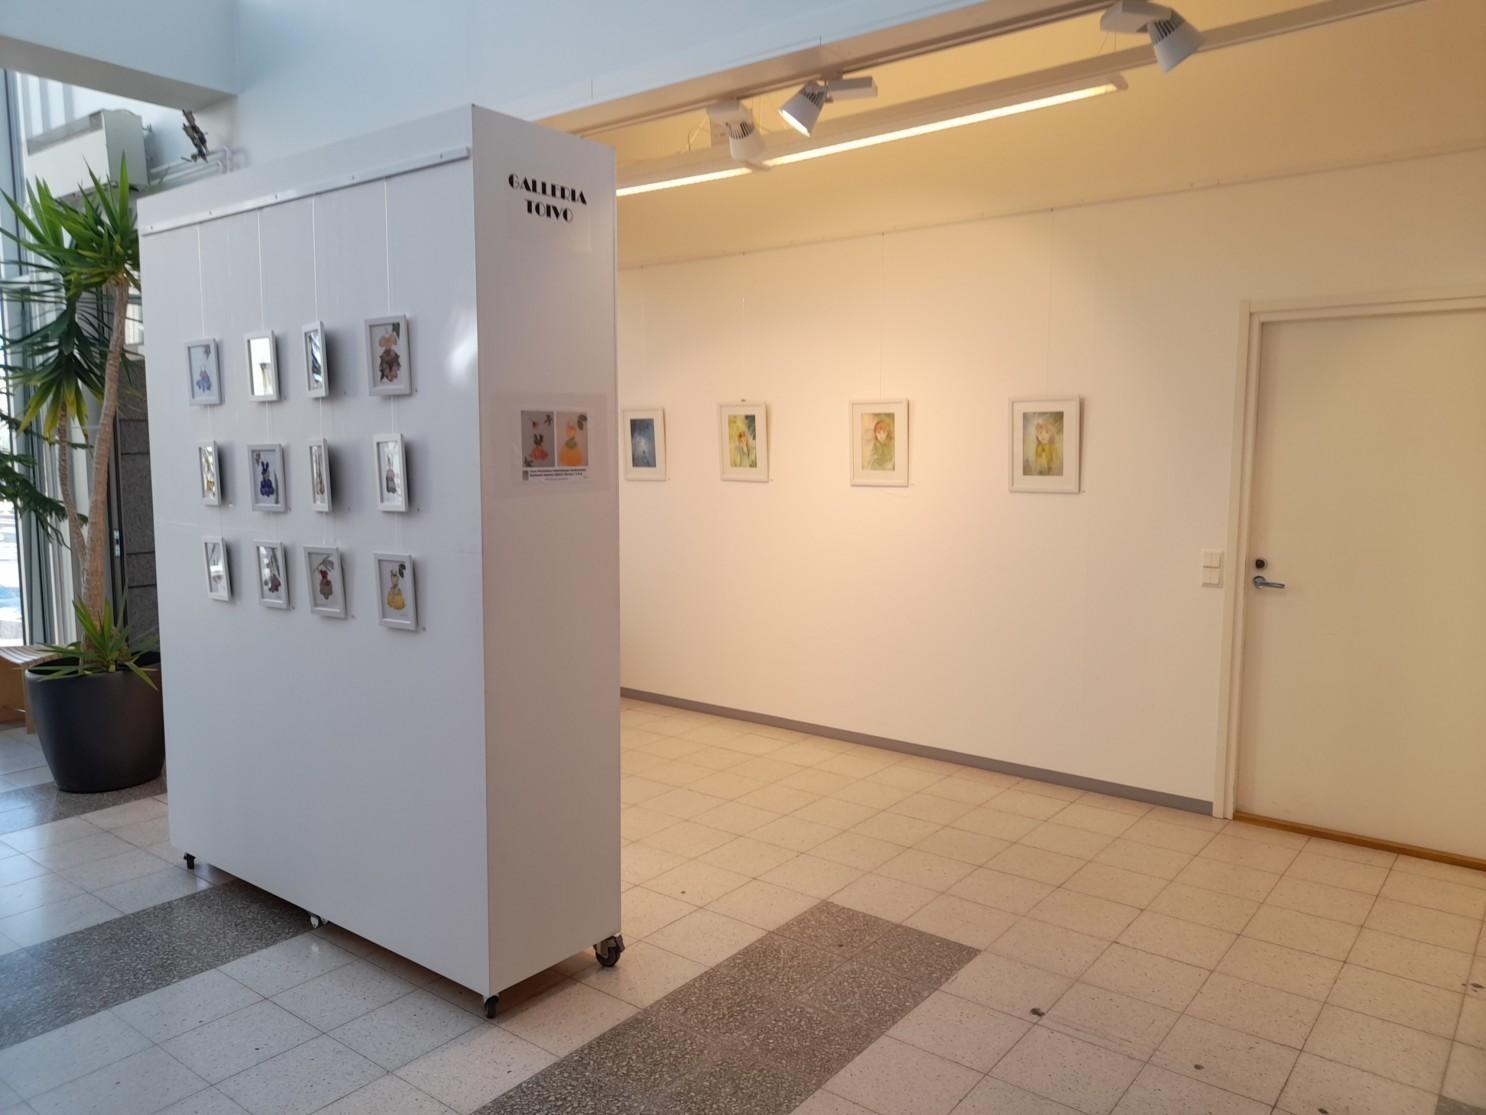 Galleria Toivon näyttelytila